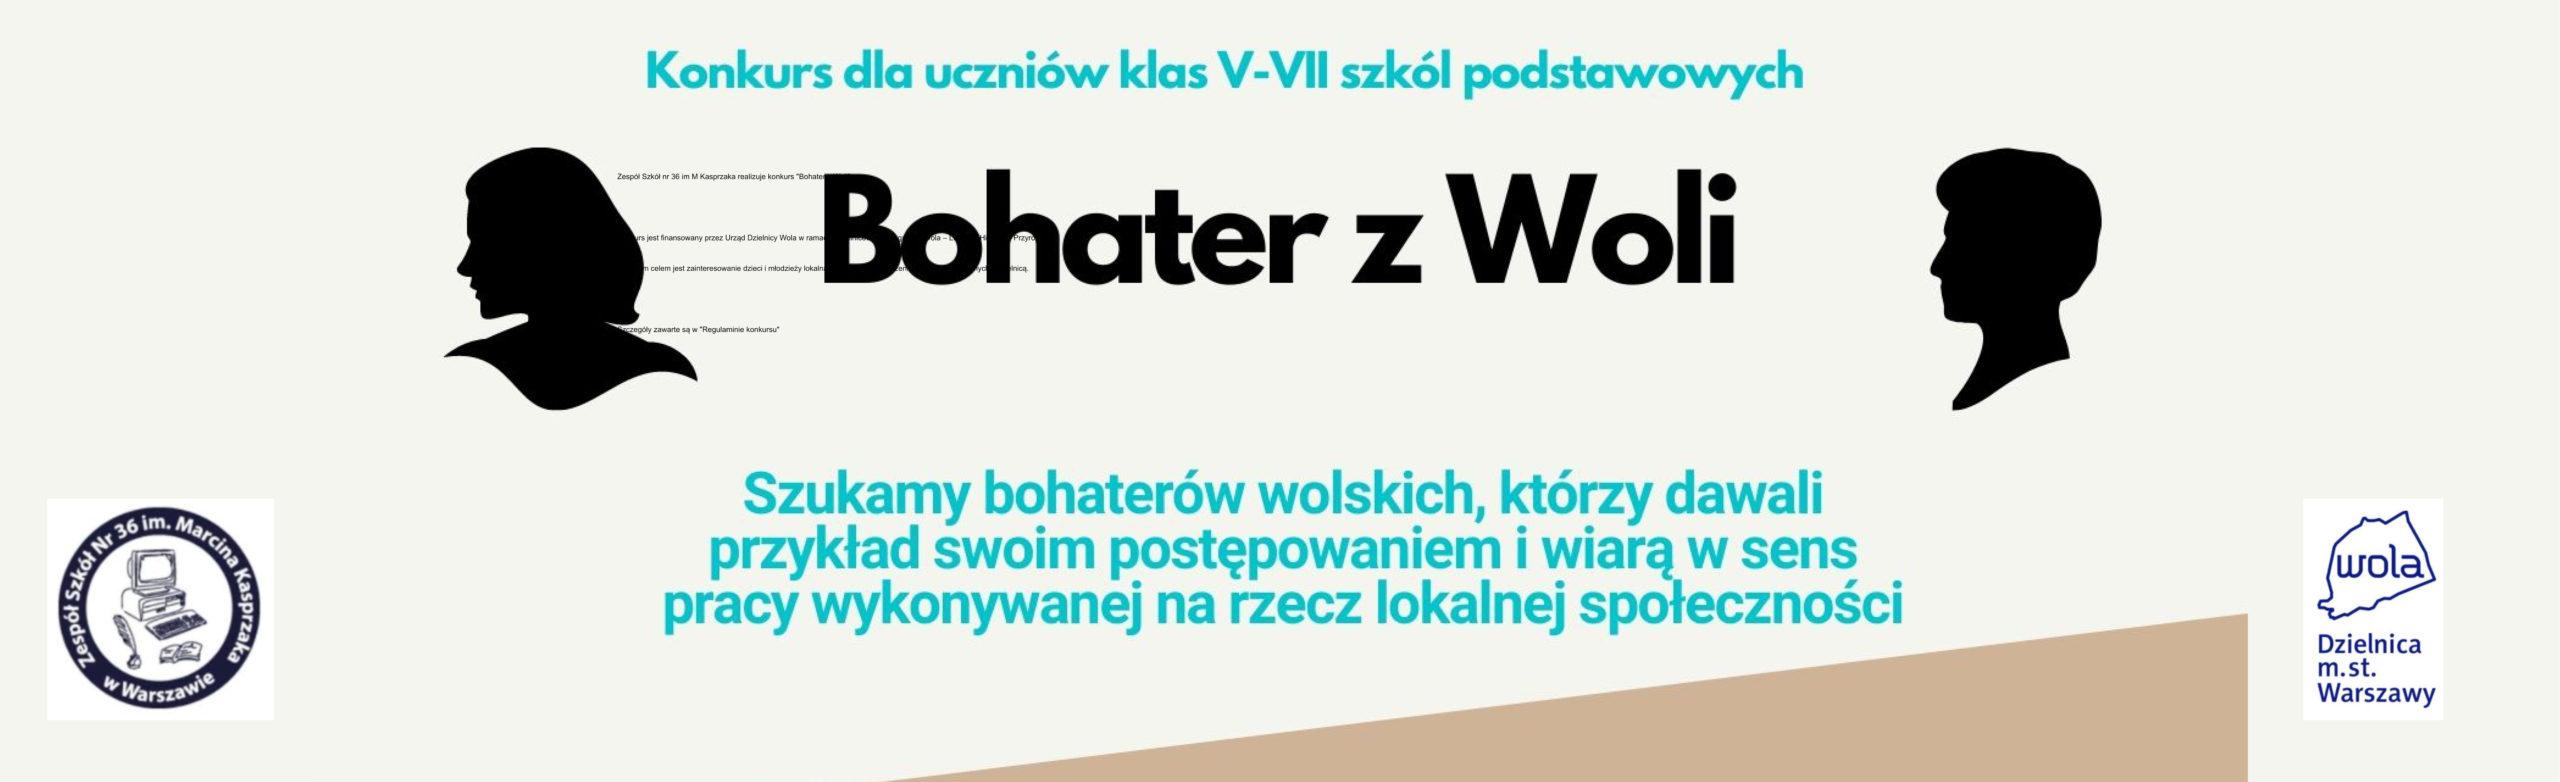 """Dzielnicowy konkurs """"Bohater z Woli"""""""